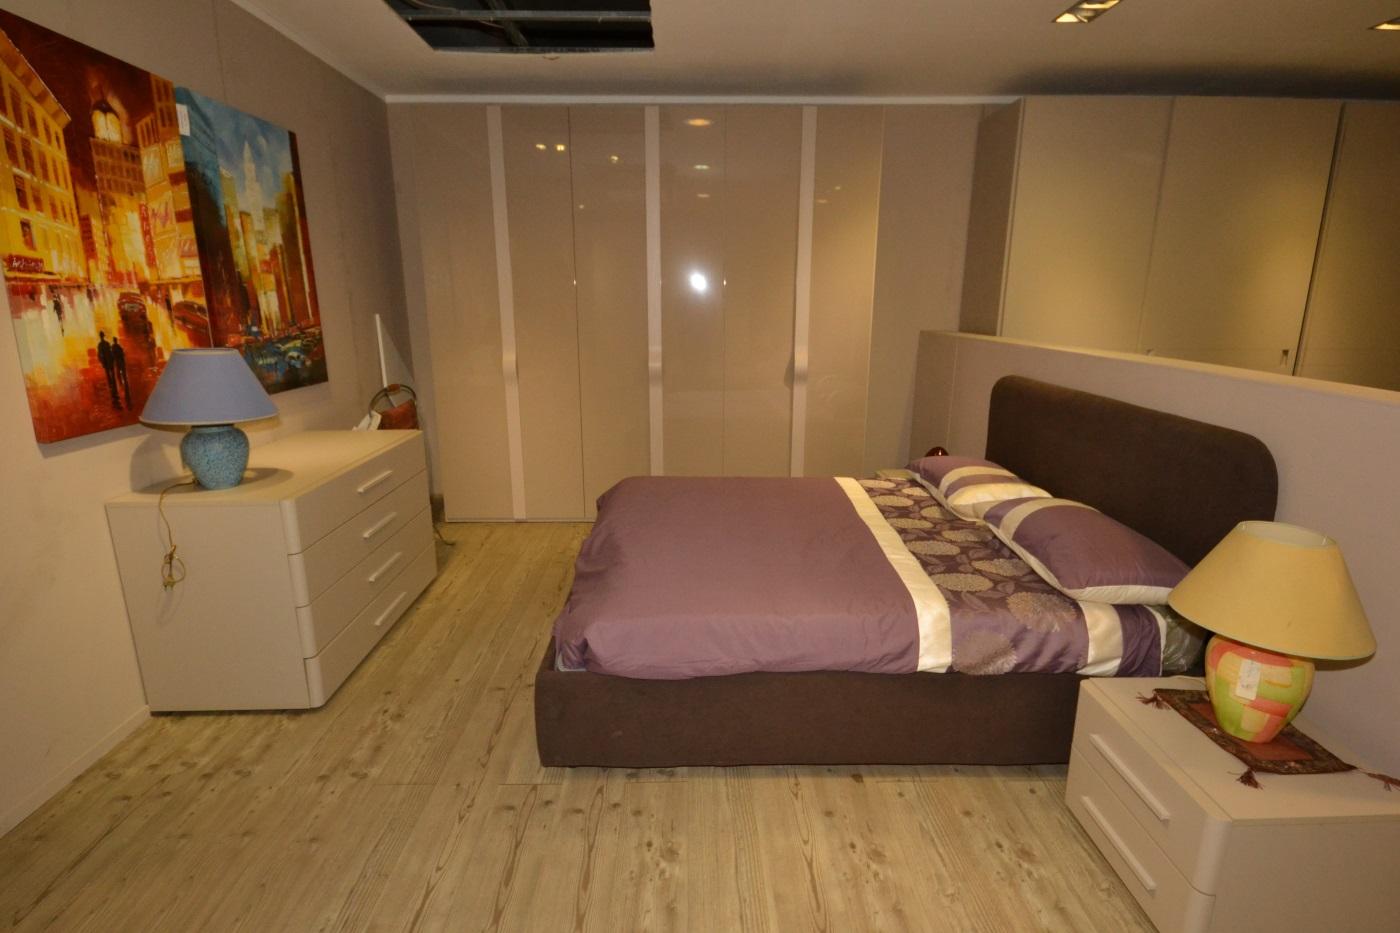 Offerta camera da letto colombini vitality collezione sogno finitura laminato frassino canapa - Camera da letto da sogno ...